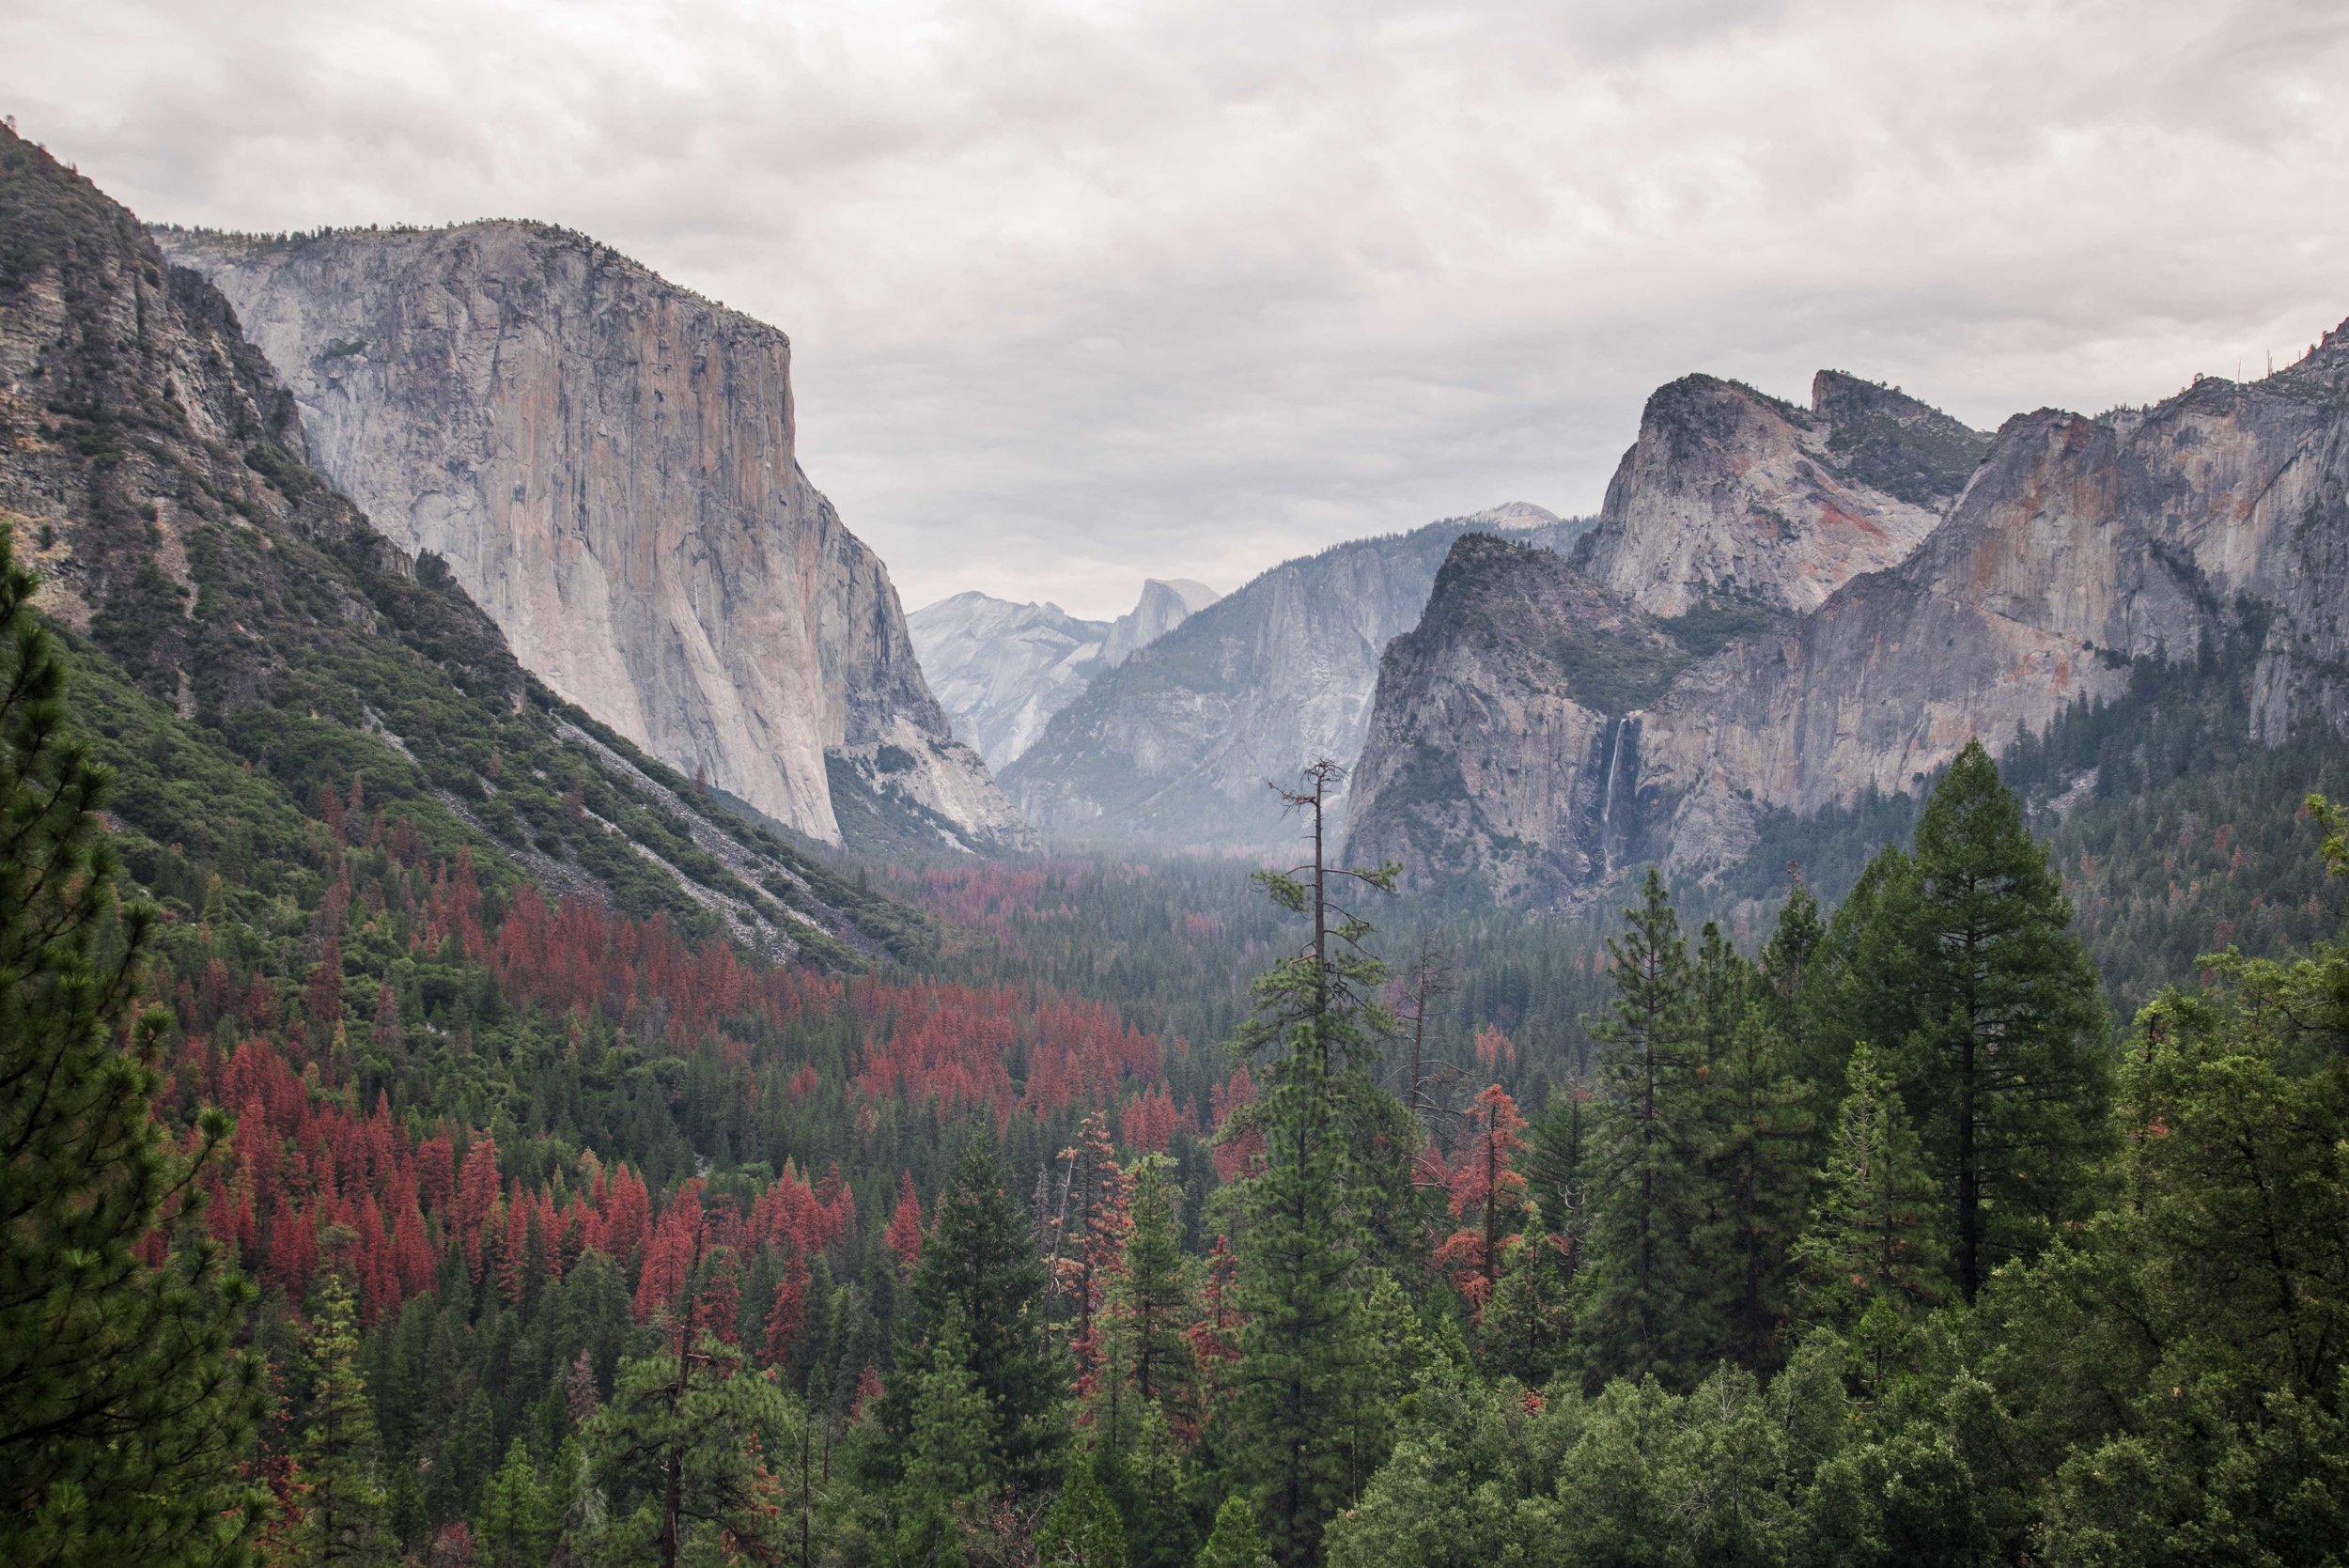 CallumBurns_Yosemite (1 of 9).jpg